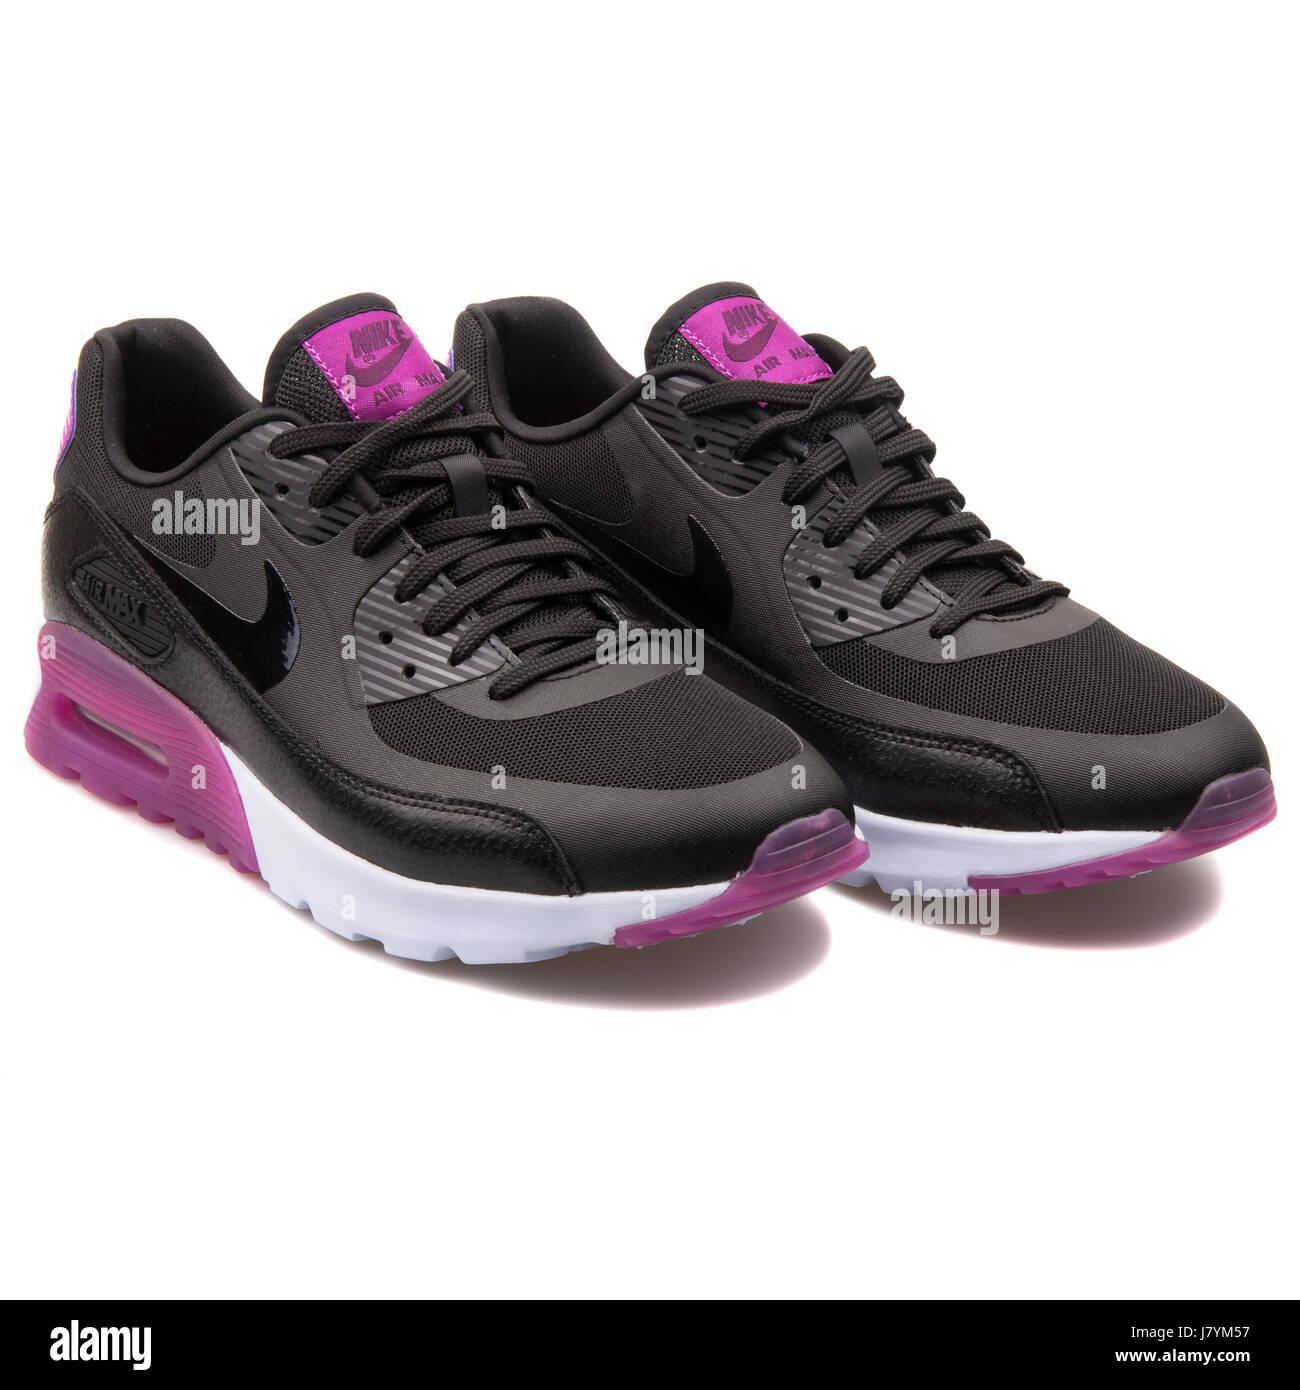 Nike Air Max 90 LTR schwarz Turnschuhe grau und Gelb Herren